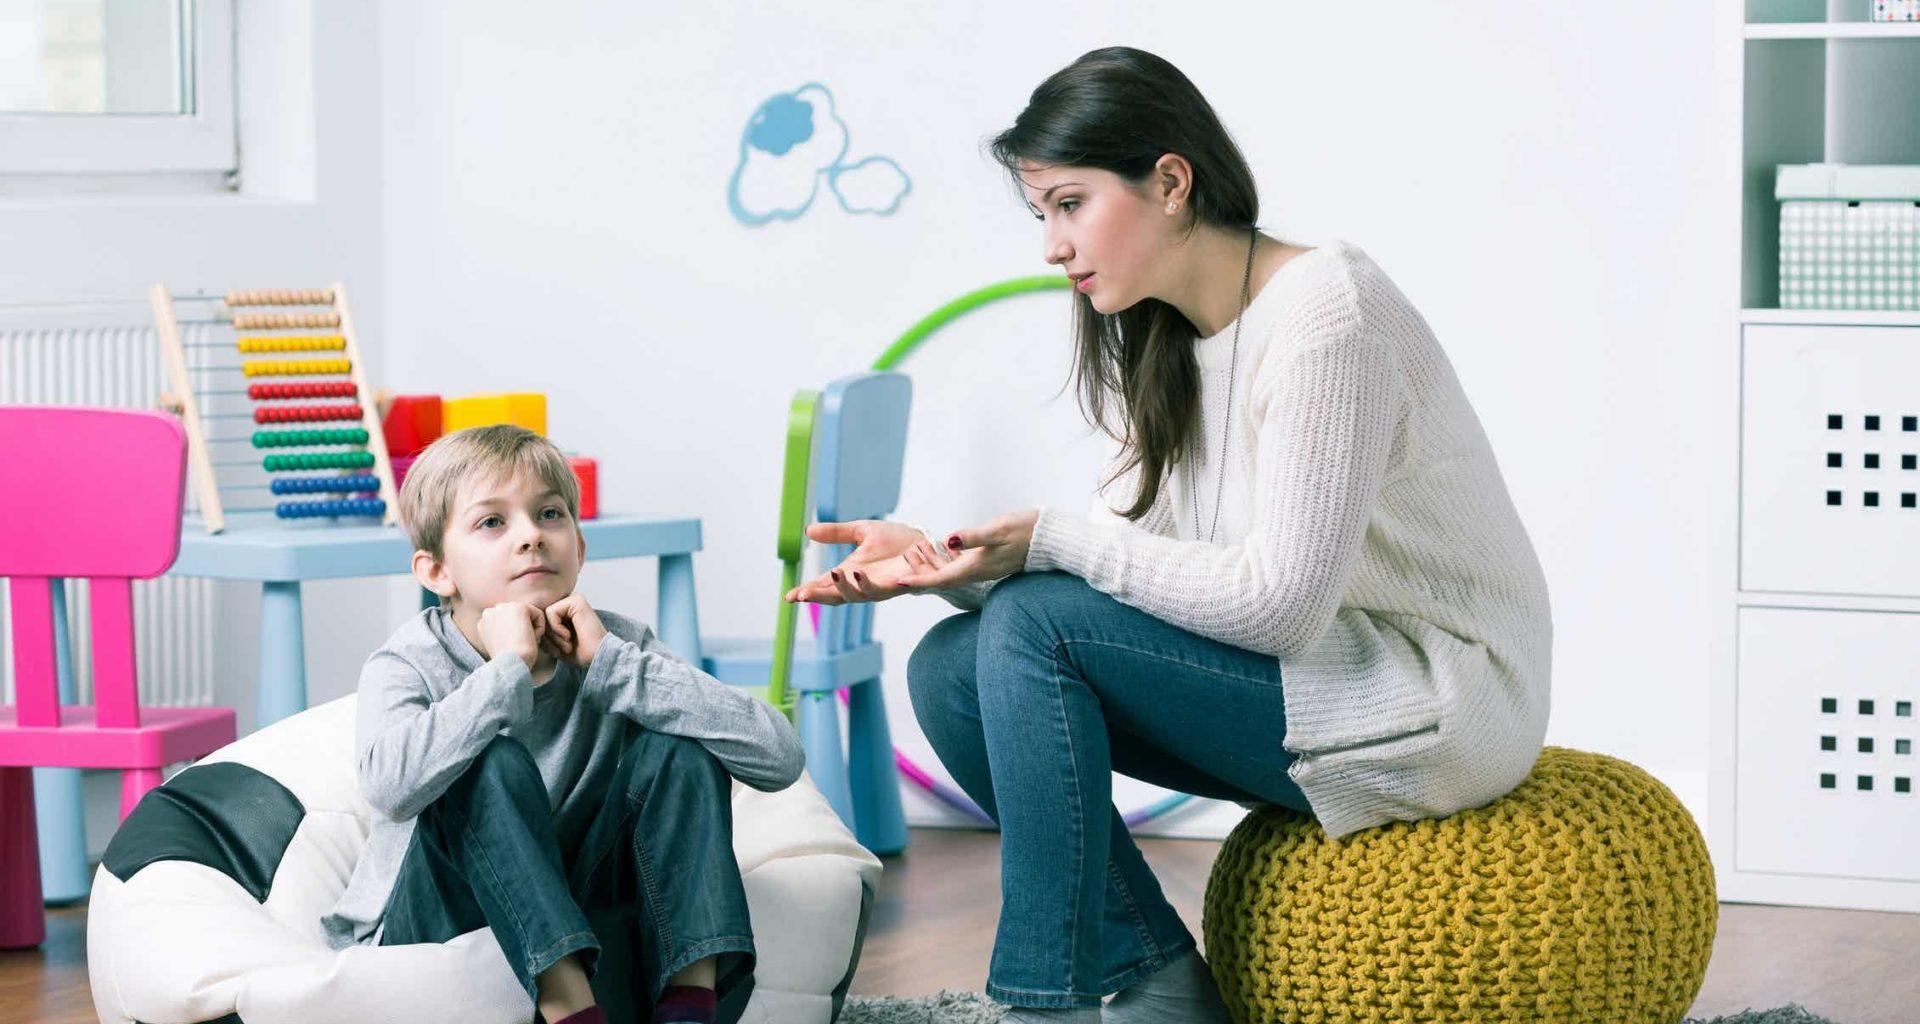 Тревожные сигналы: как понять, что вашему ребенку нужна помощь